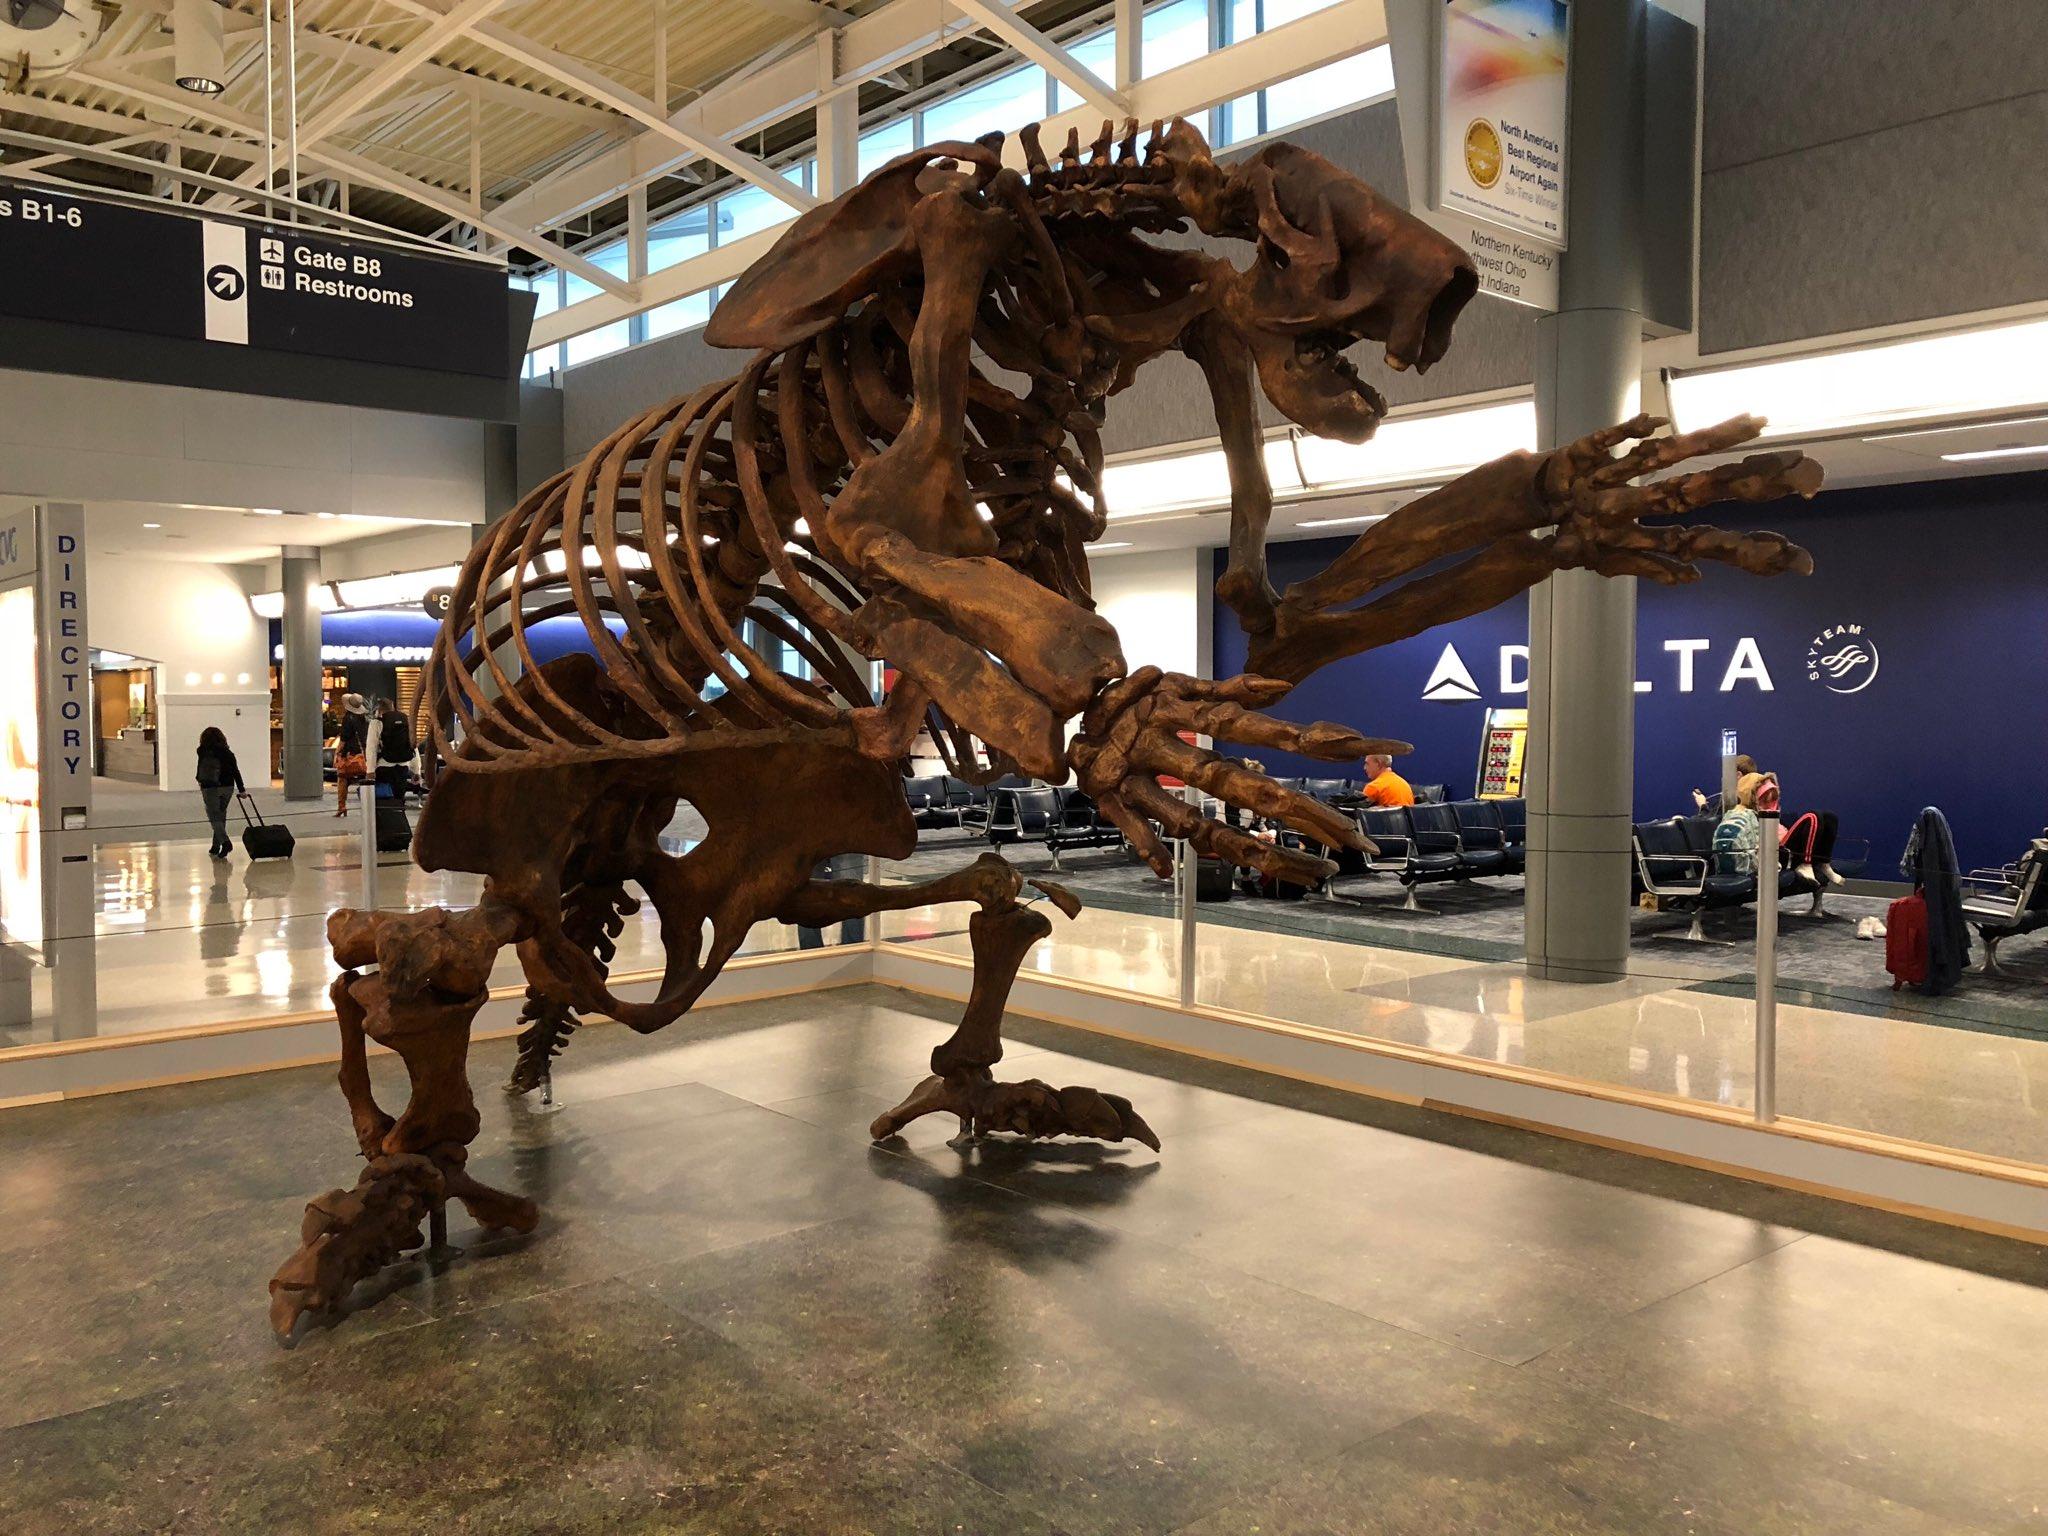 Giant sloth at Cincinnati airport.…